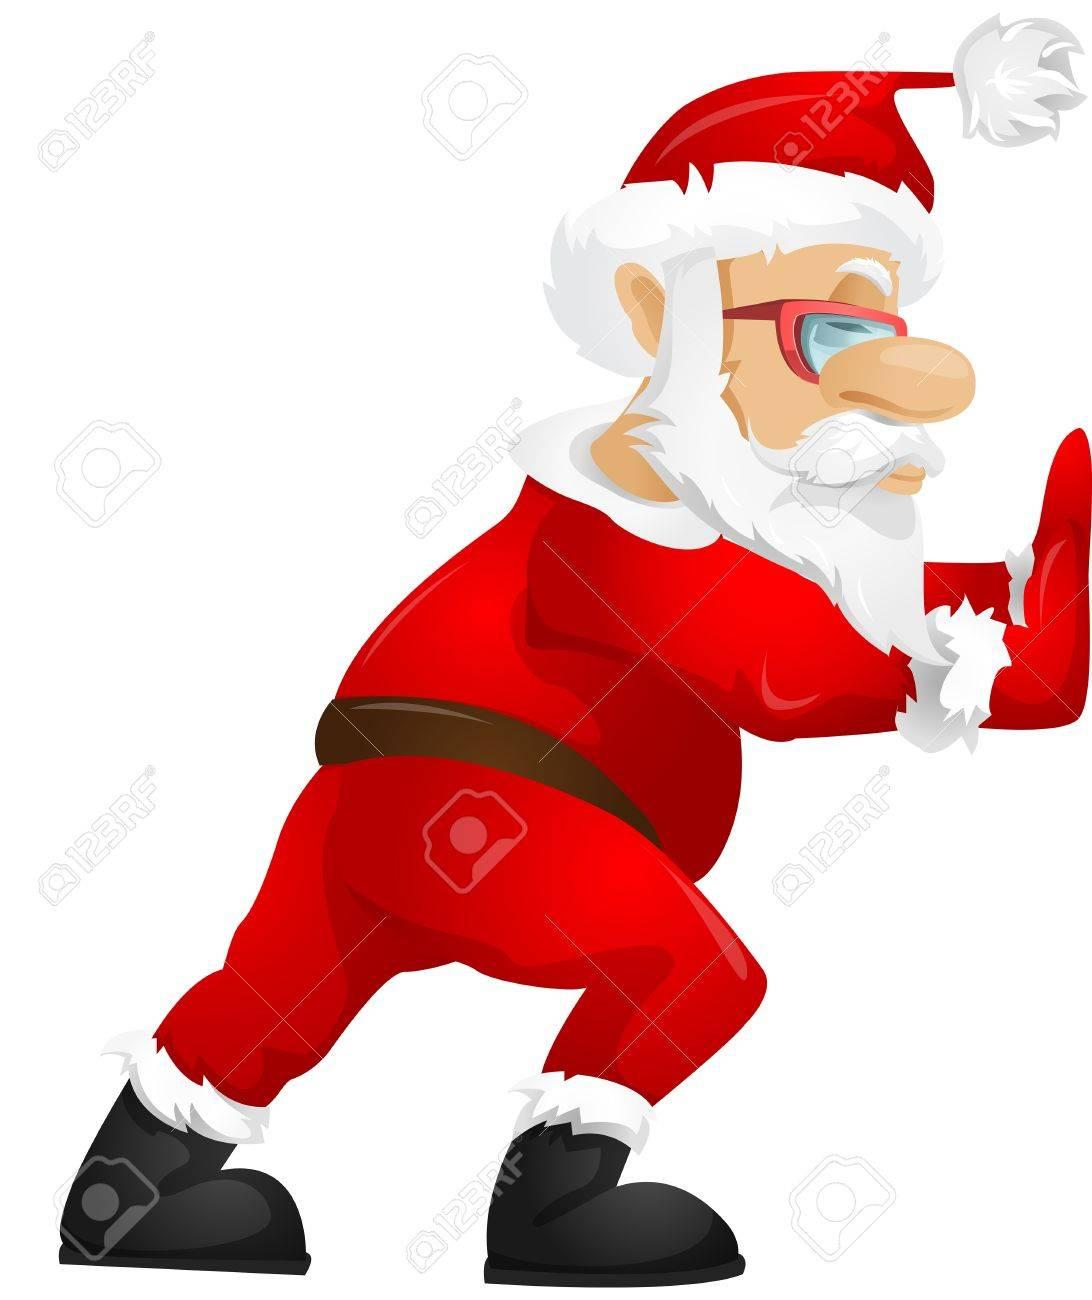 Santa Claus Stock Vector - 20857645